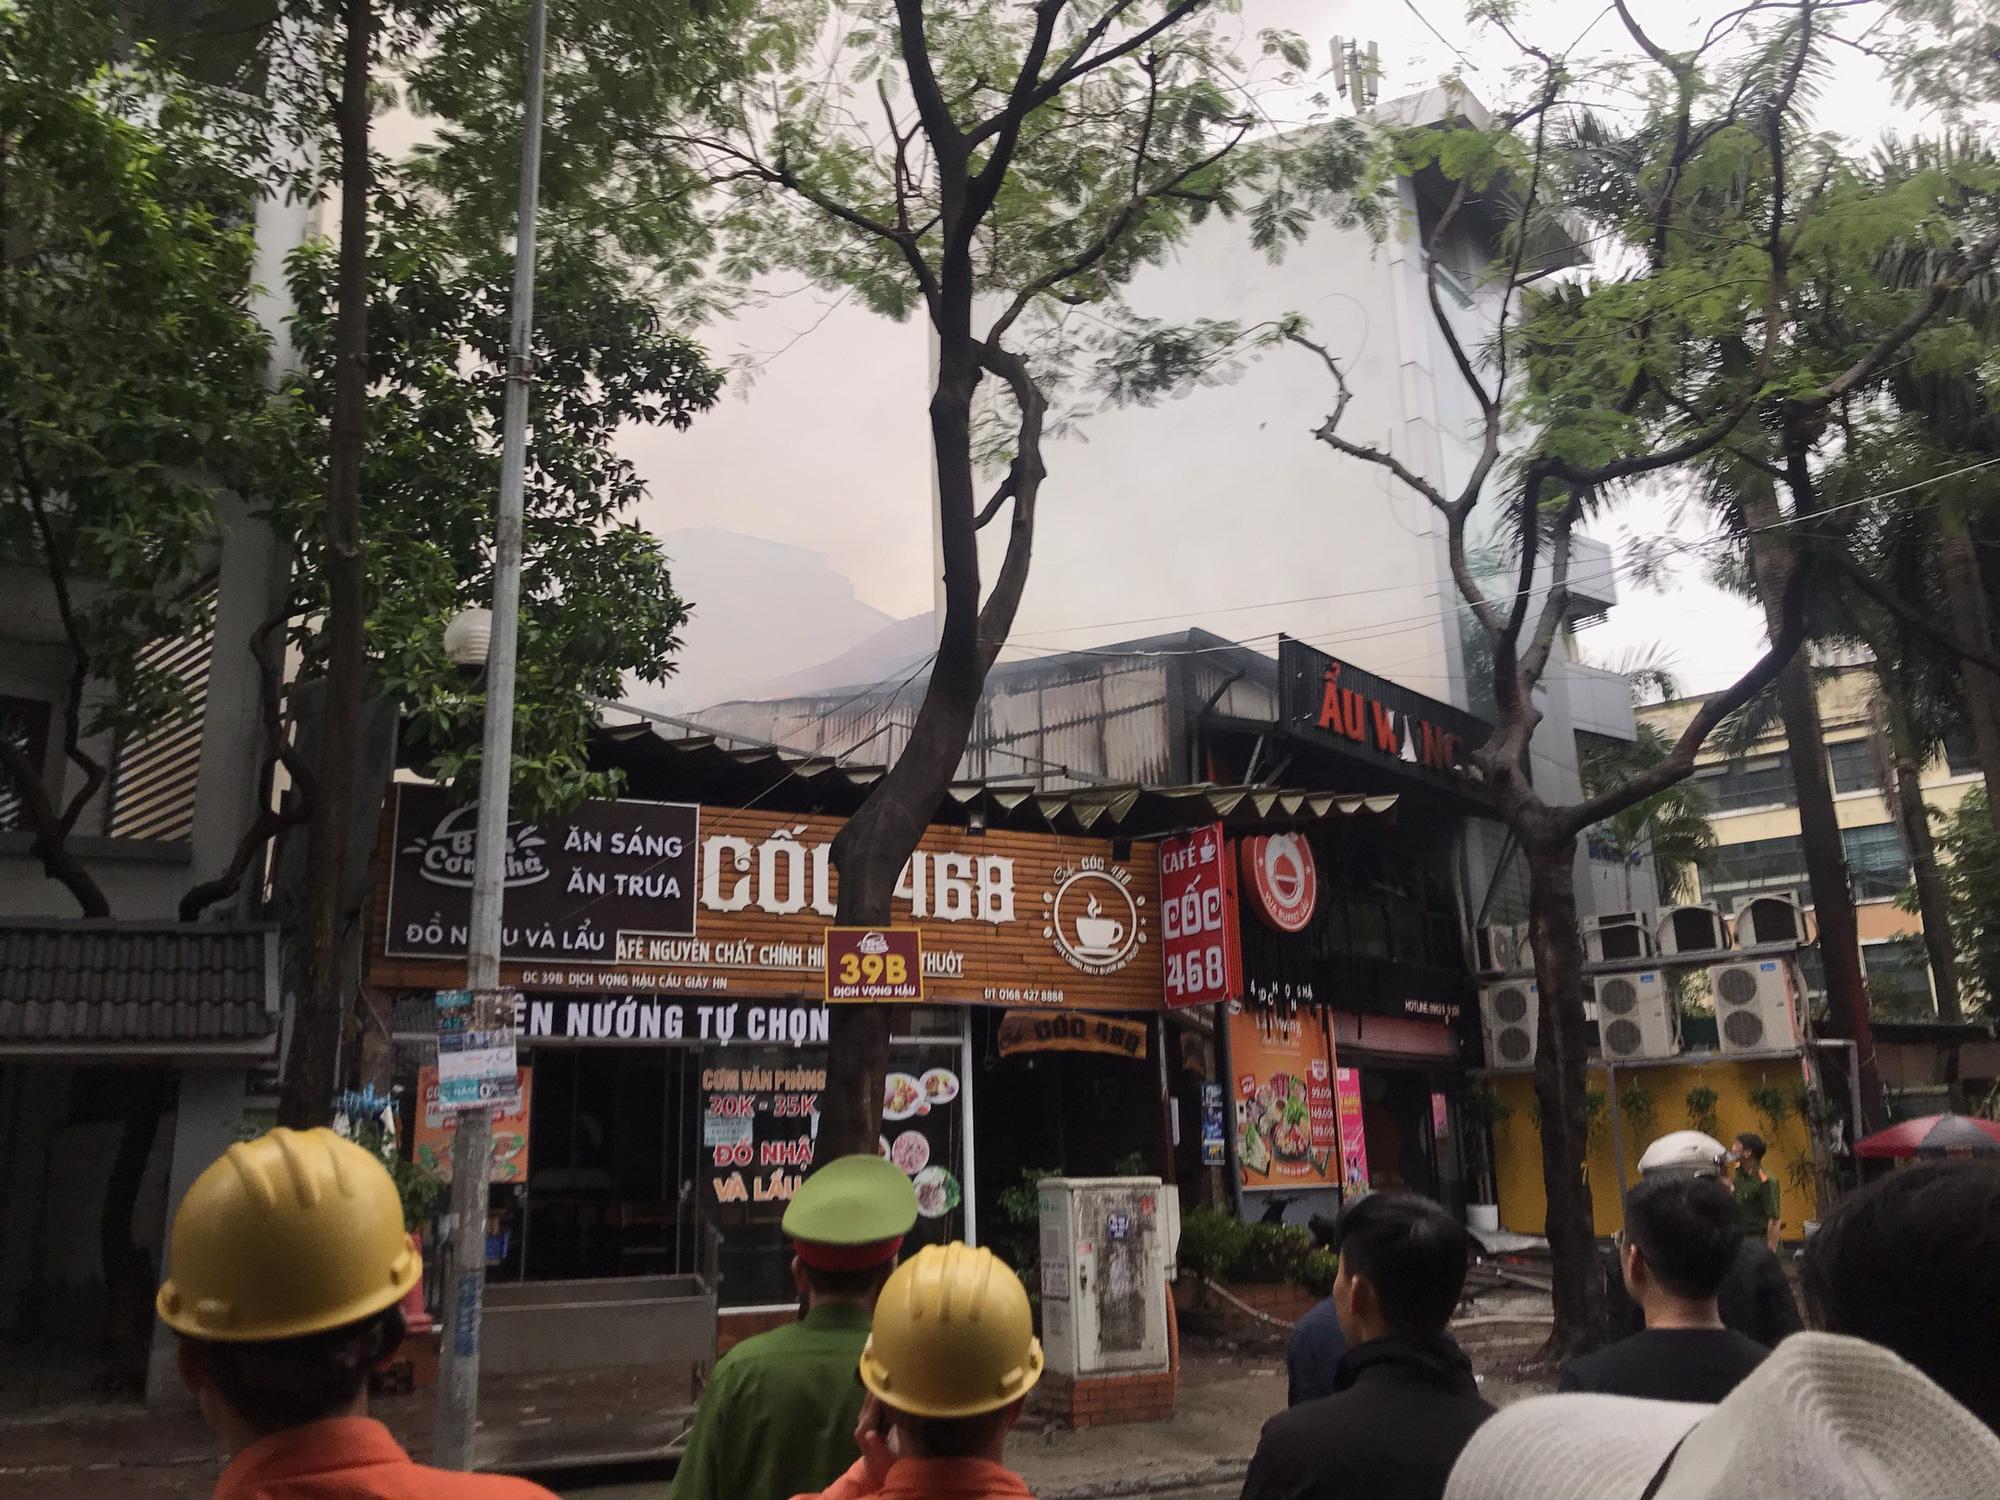 Clip: Cháy lớn tại nhà hàng lẩu nướng tại quận Cầu Giấy - Ảnh 2.